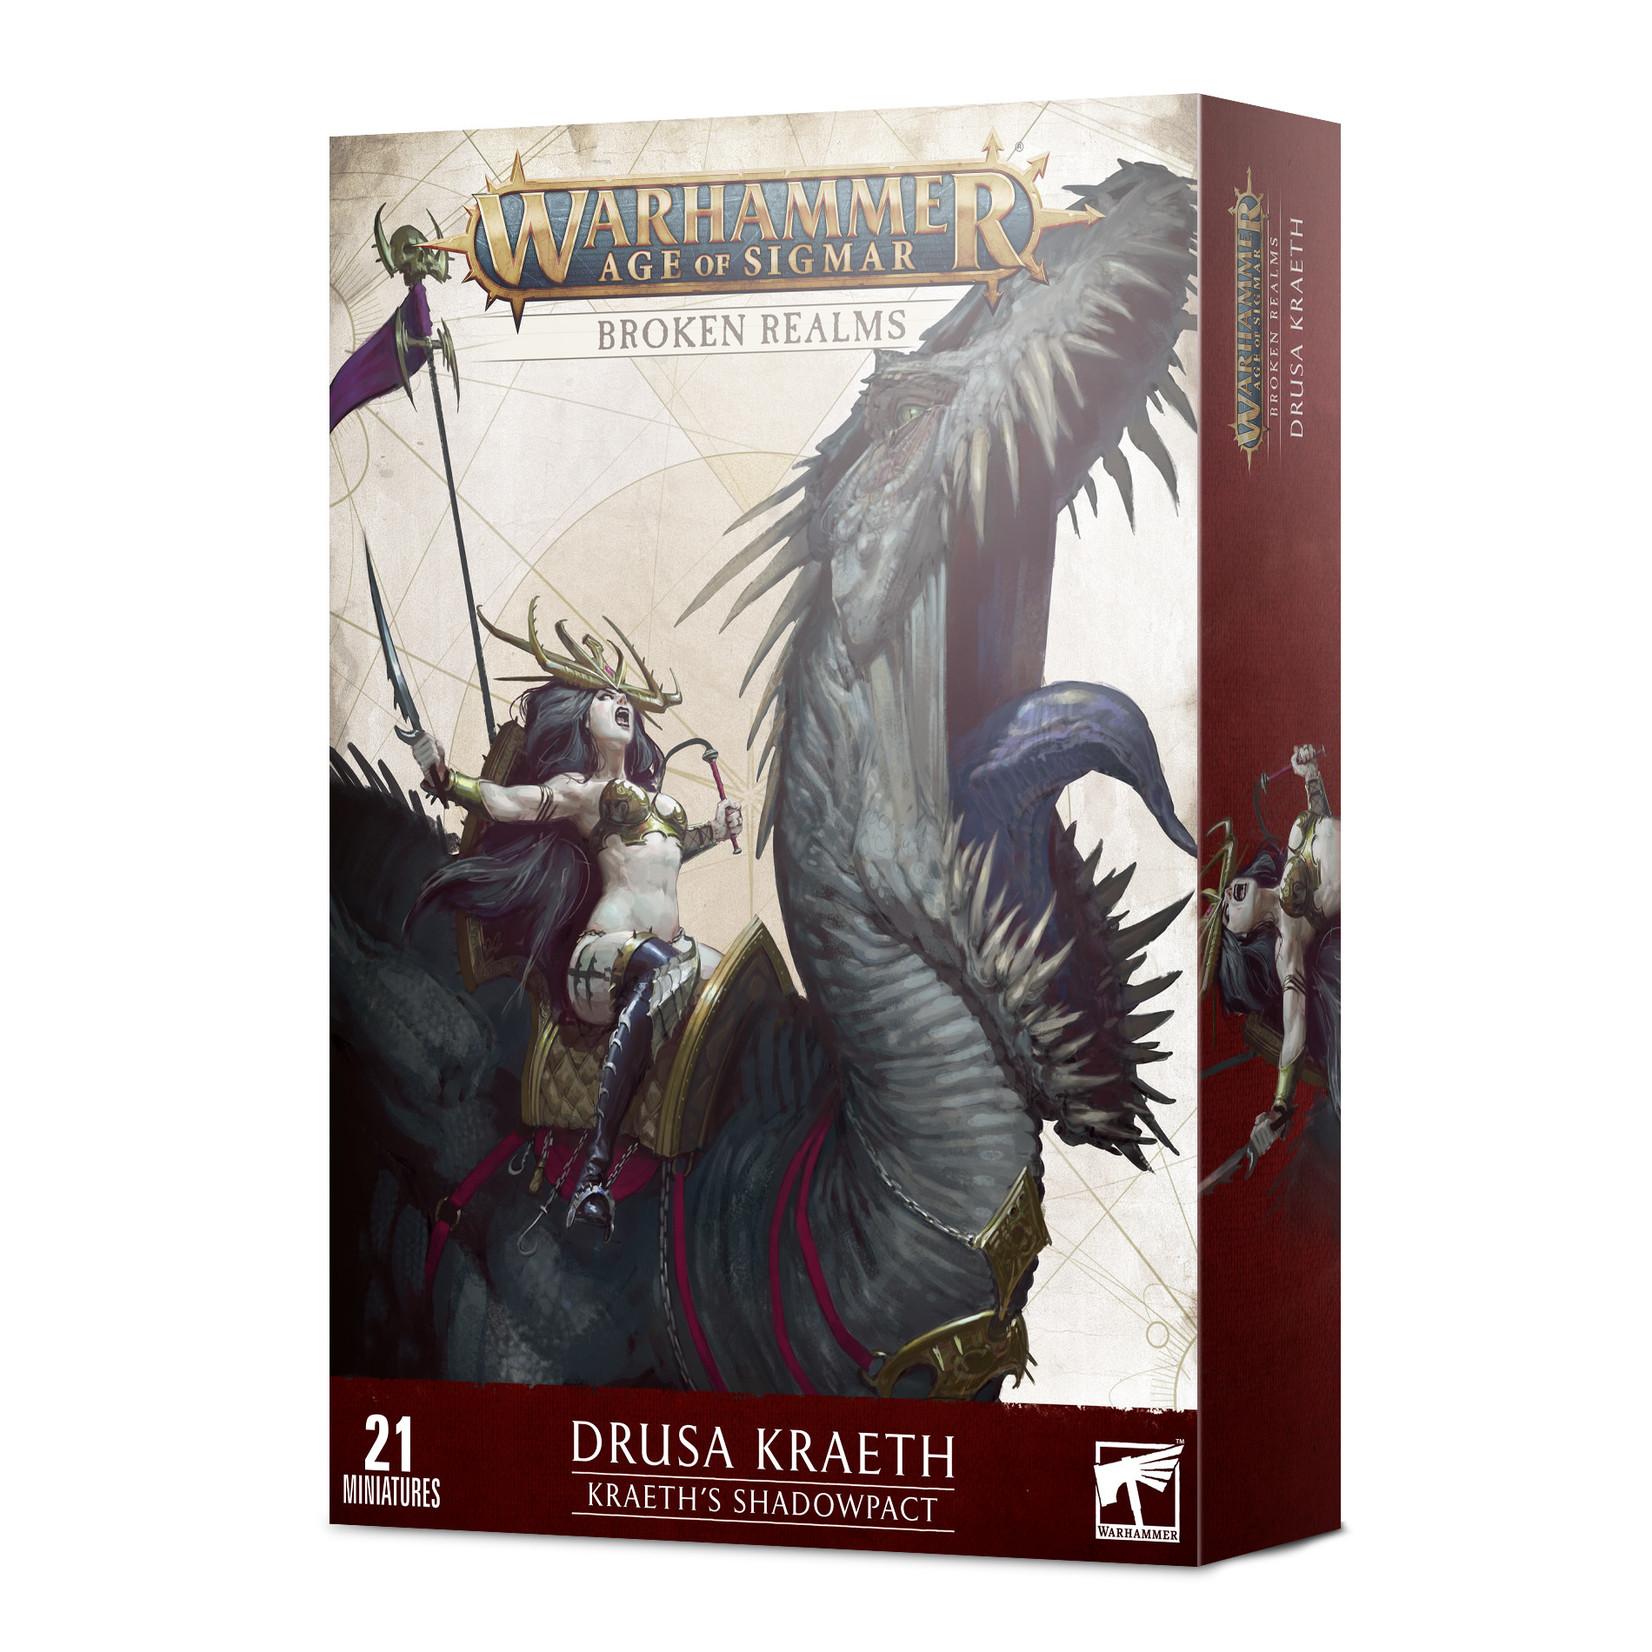 Games Workshop Warhammer Age of Sigmar: Broken Realms - Kraeth's Shadowpact